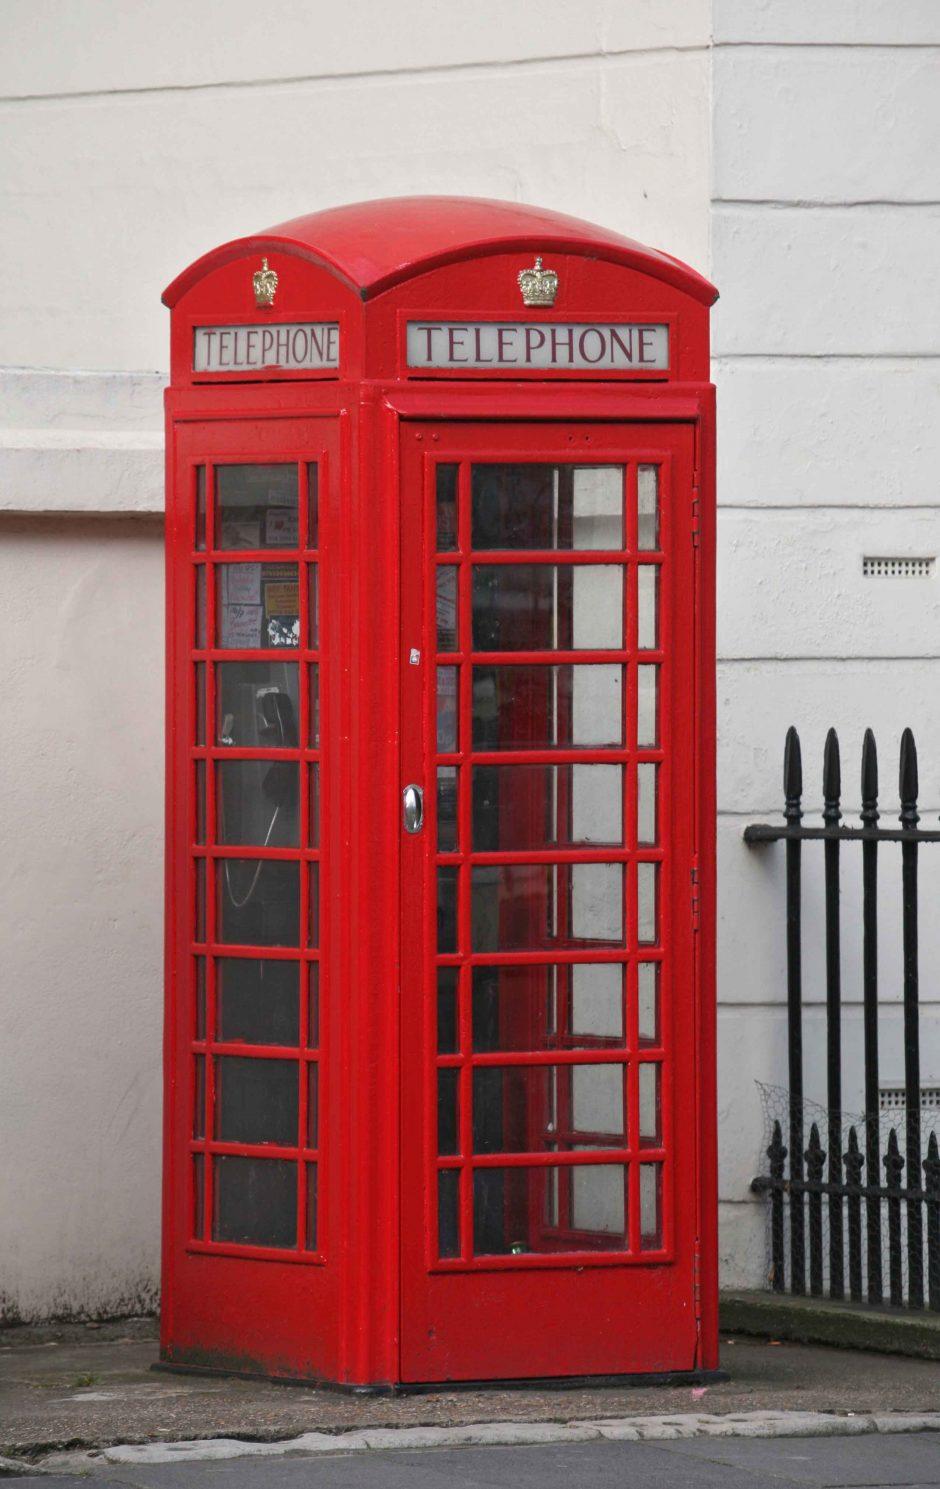 Les séjours linguistique en Angleterre : les nombreux points positifs